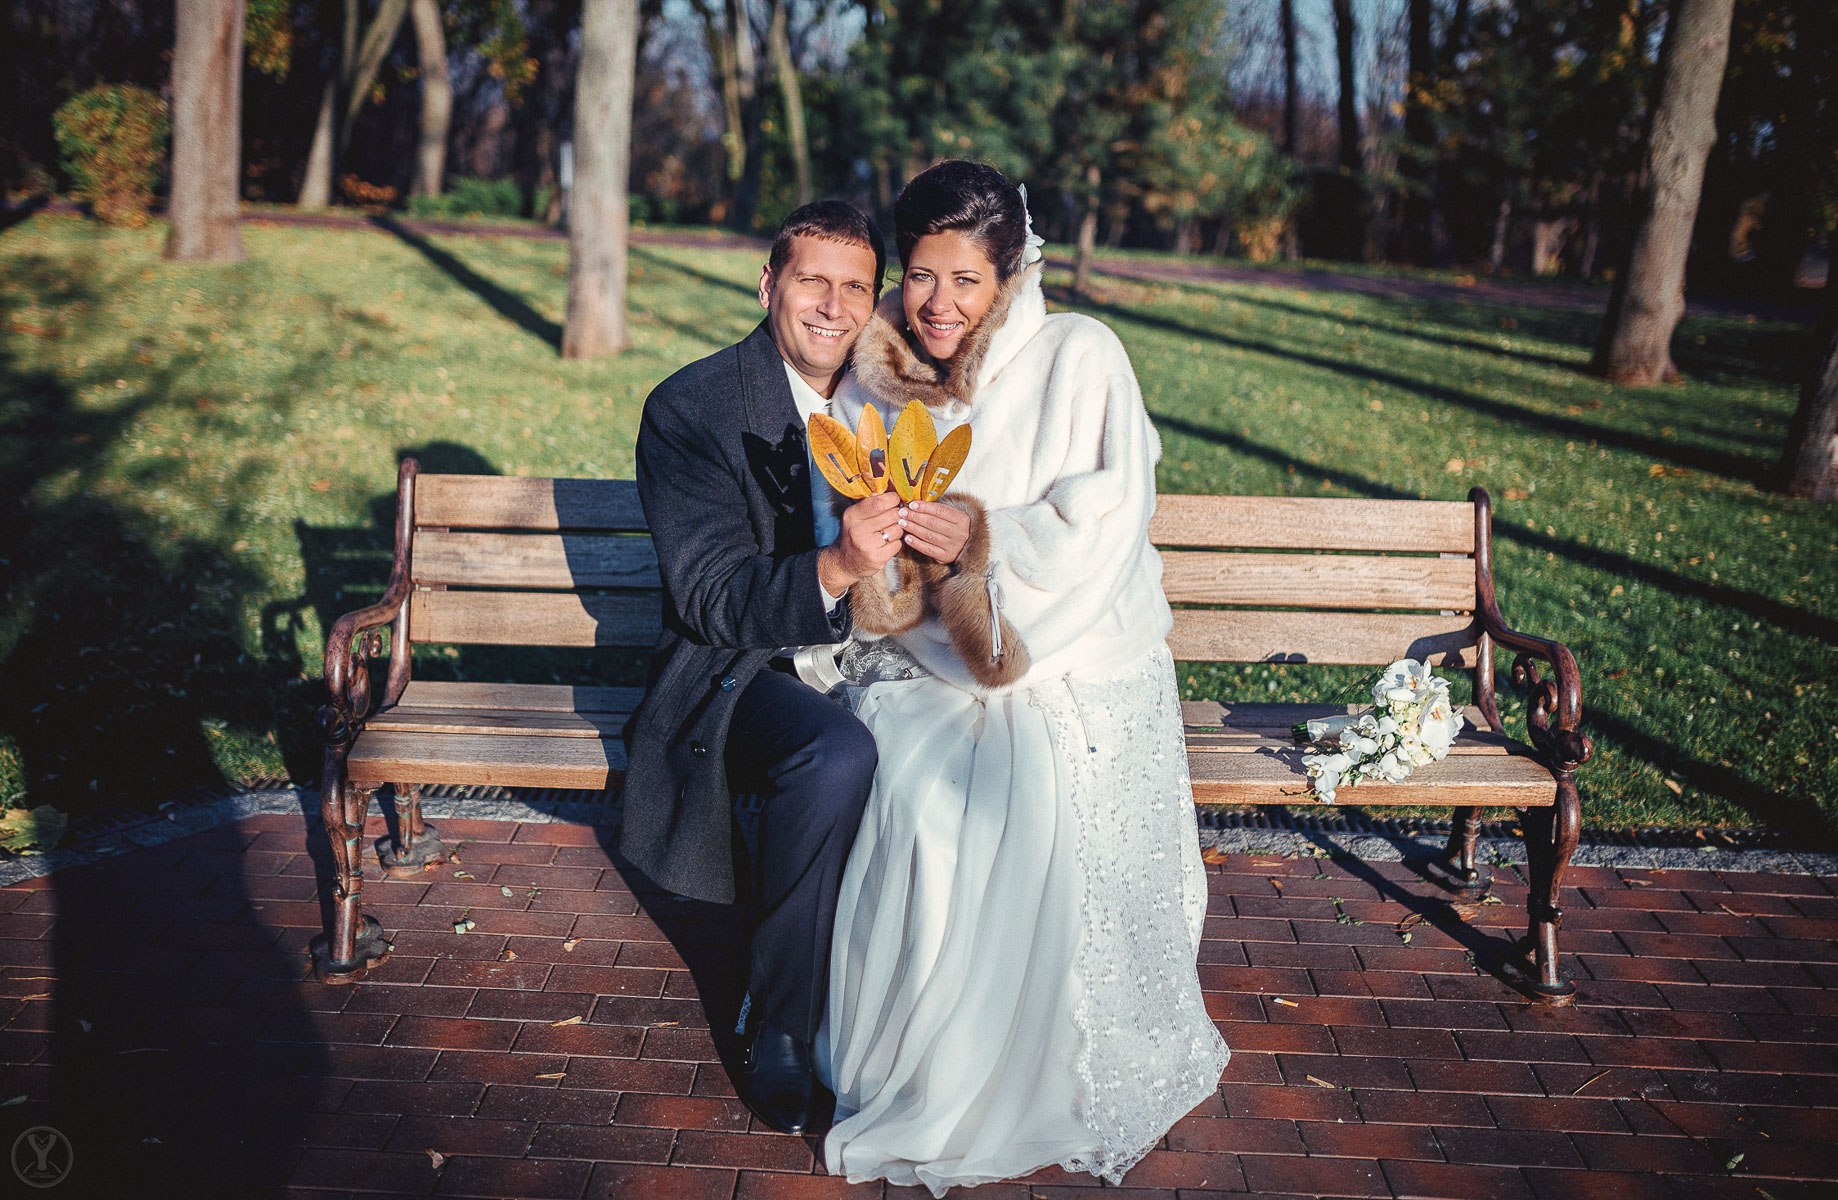 I04PQodBYWU - Как получать удовольствие от подготовки к свадьбе: 6 советов молодоженам